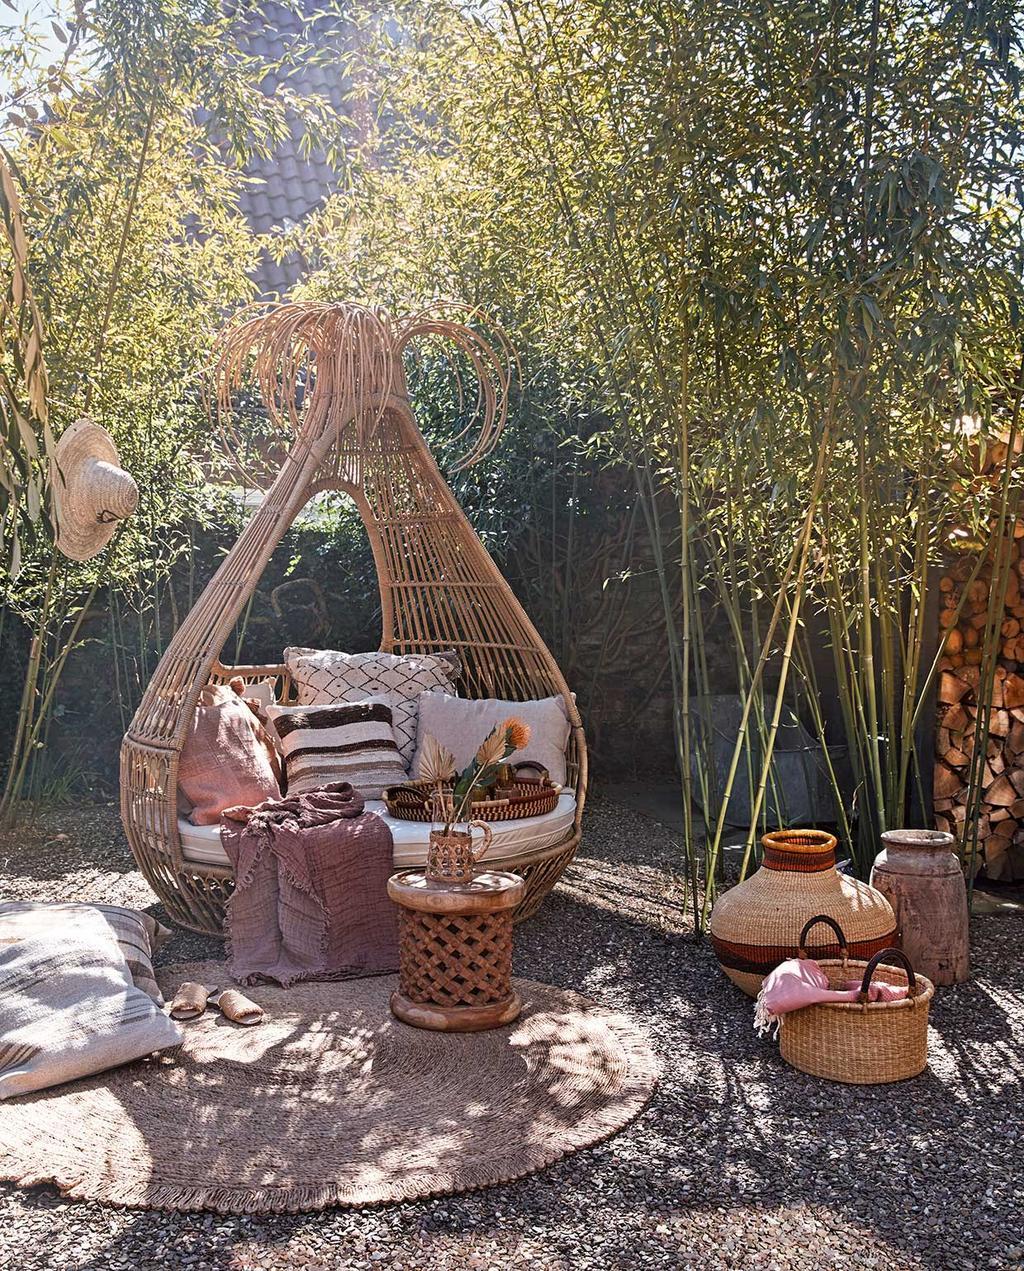 vtwonen TUIN 02 | styling van de tuin met terracotta kleuren beige mediterrane